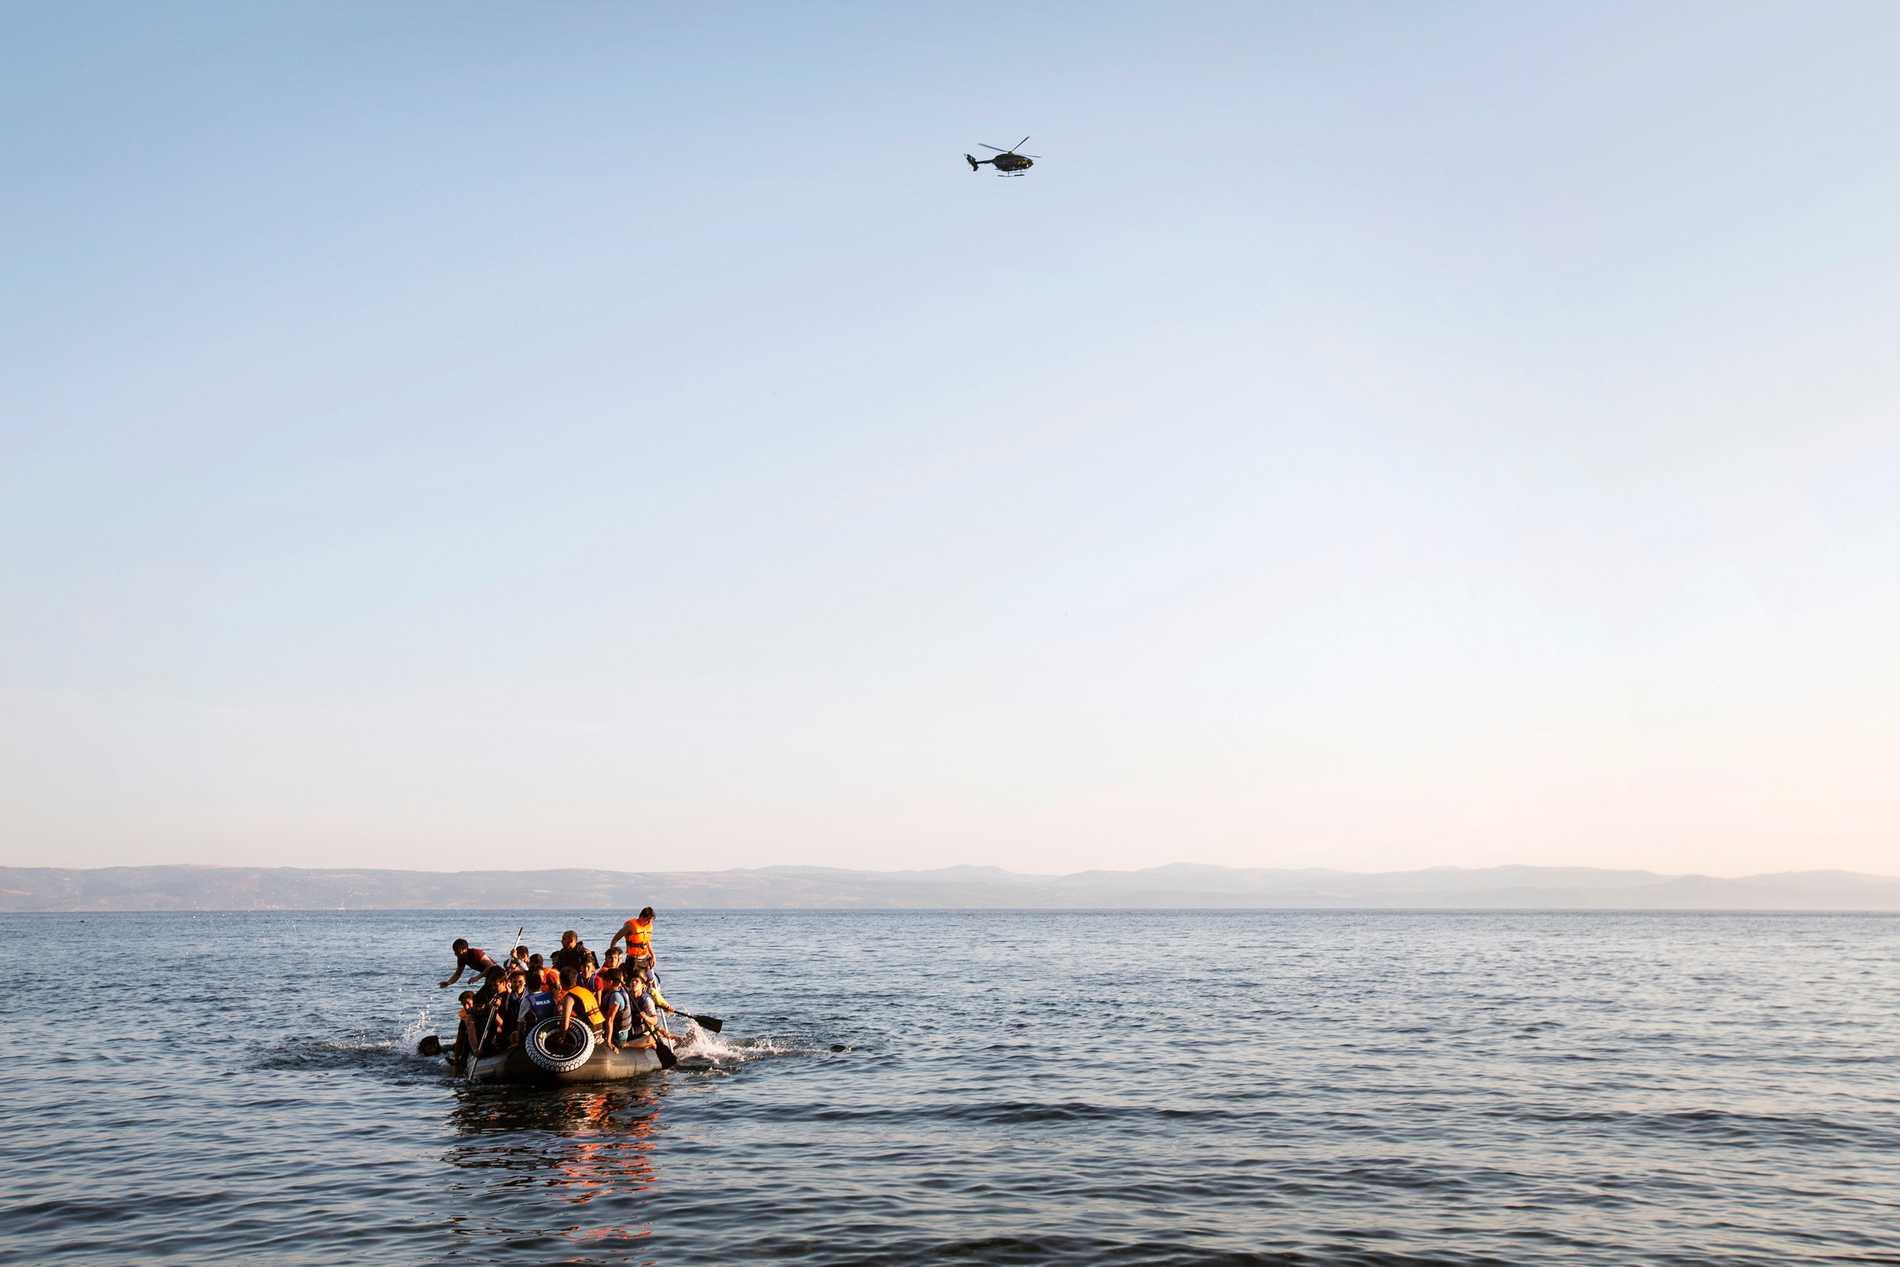 Båtflyktingar vid grekiska ön Lesbos.